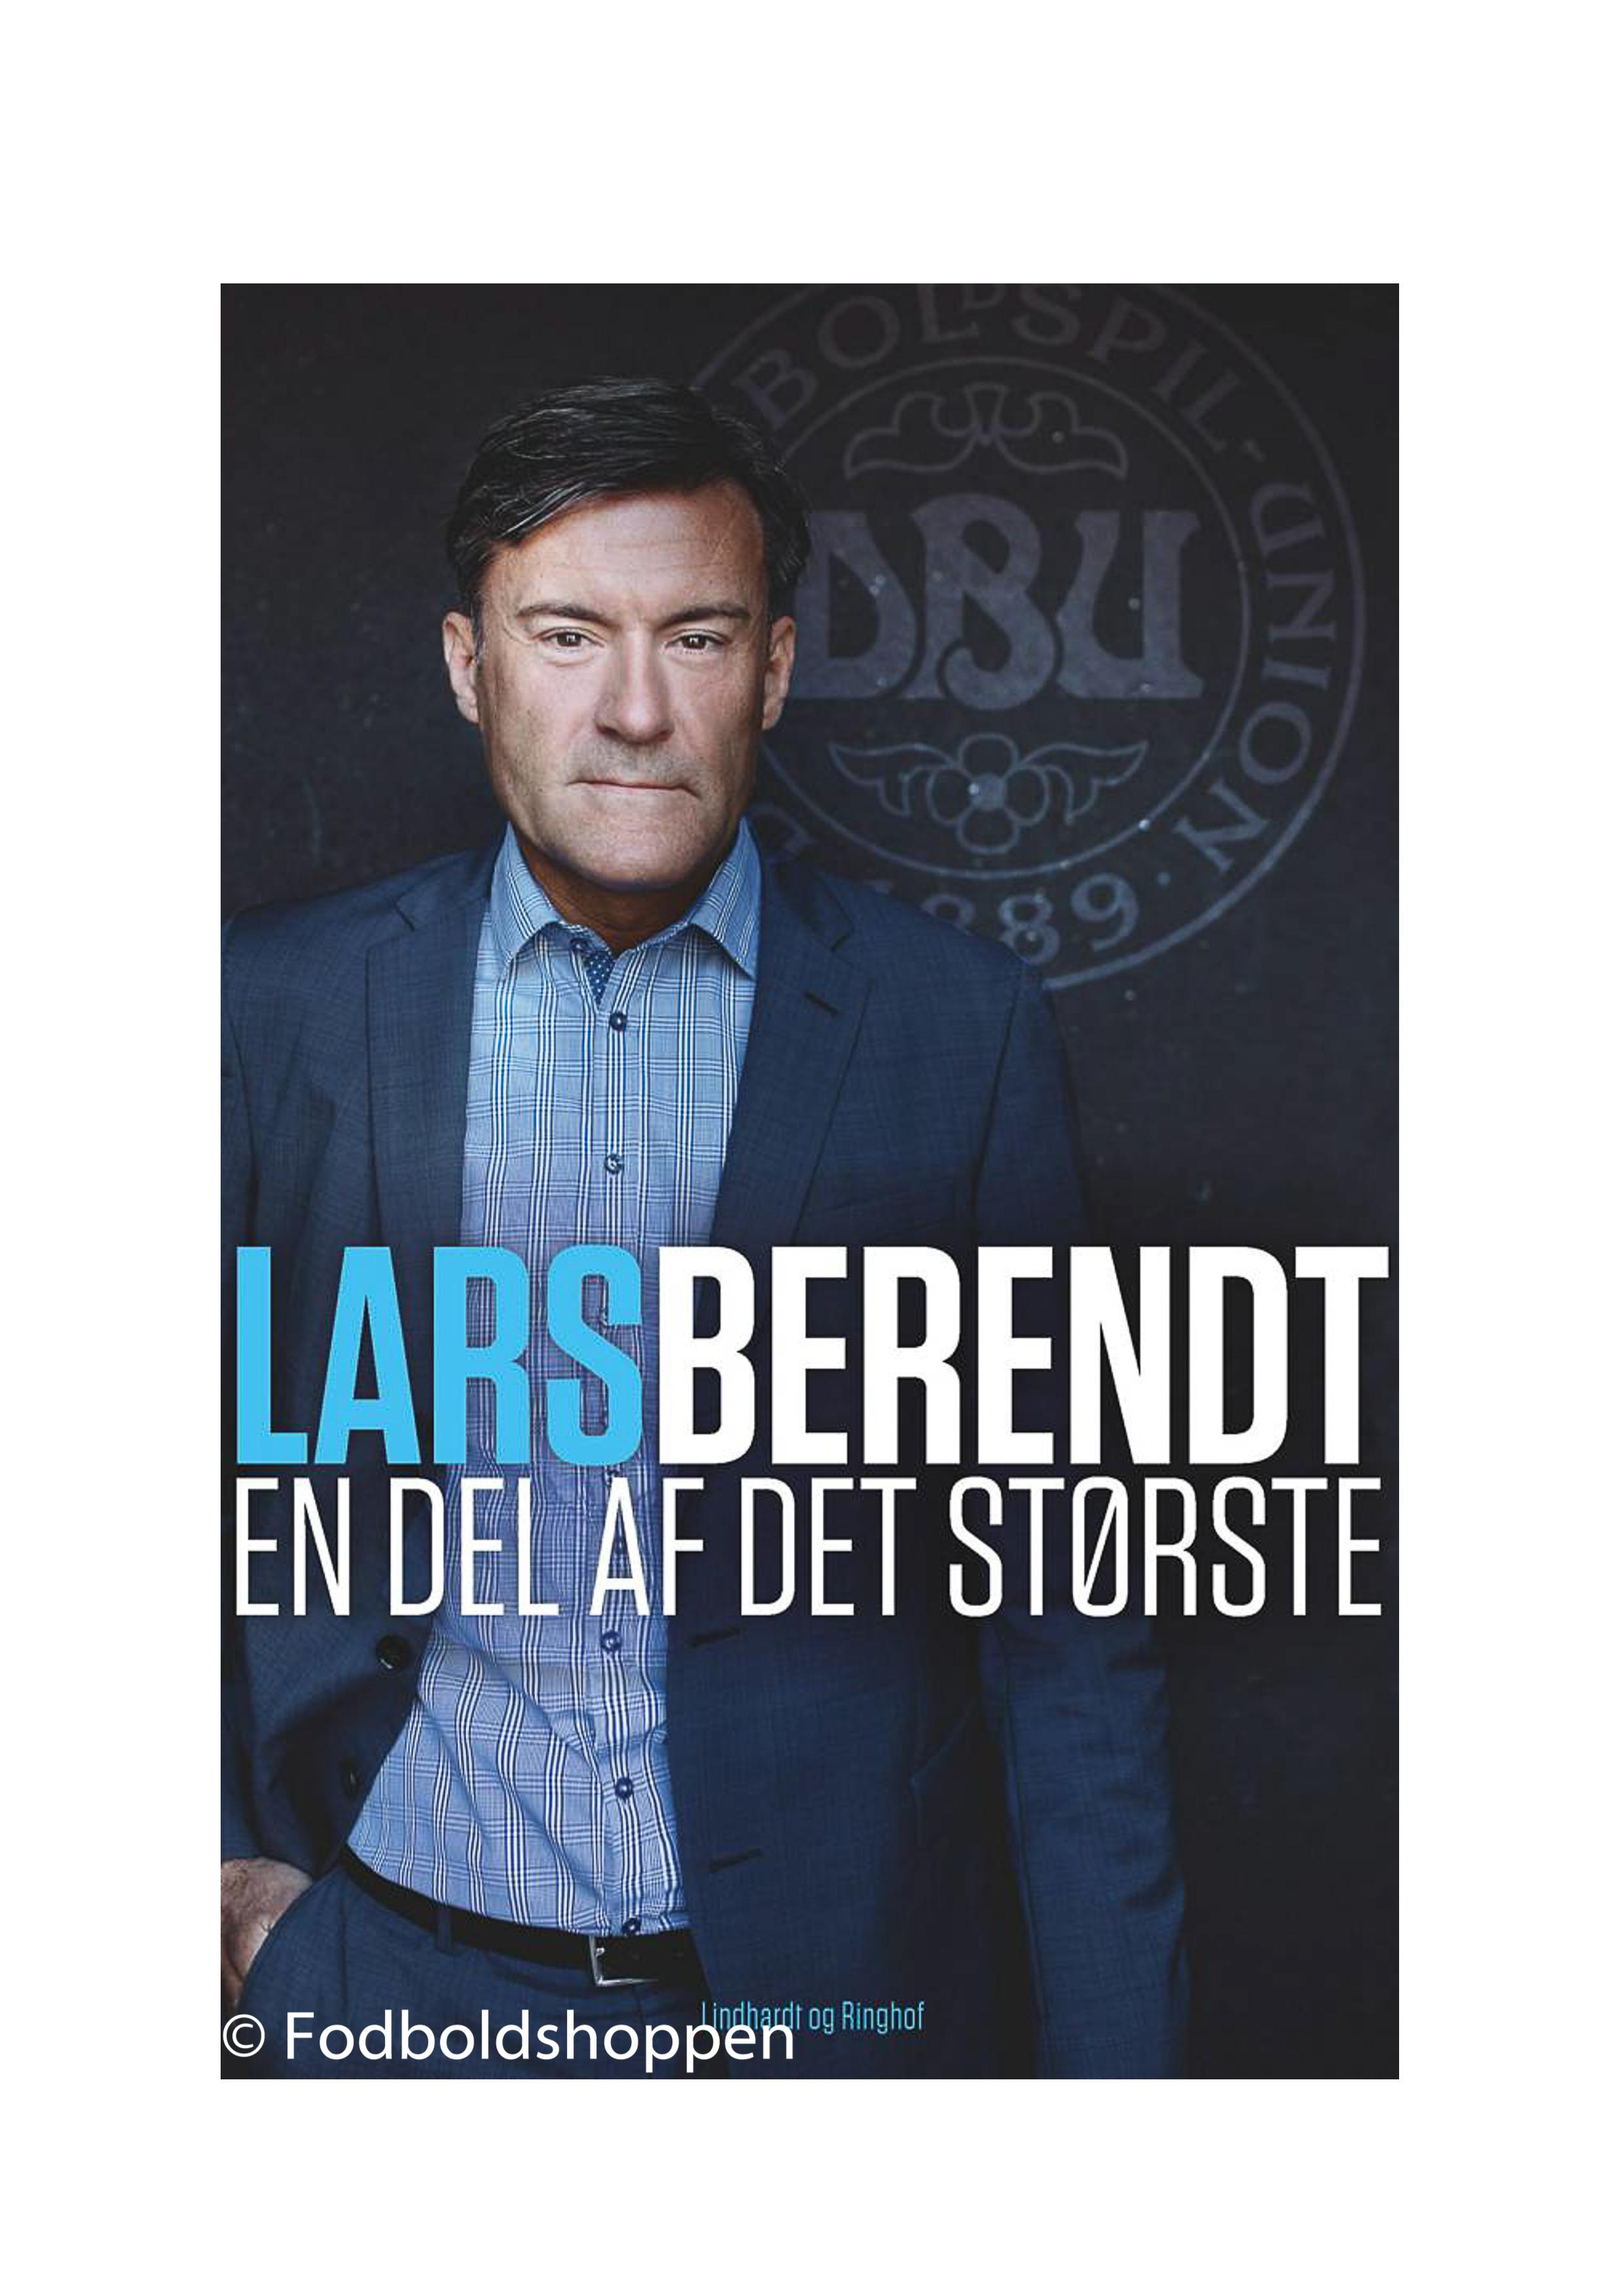 Lars Berendt - En del af det største